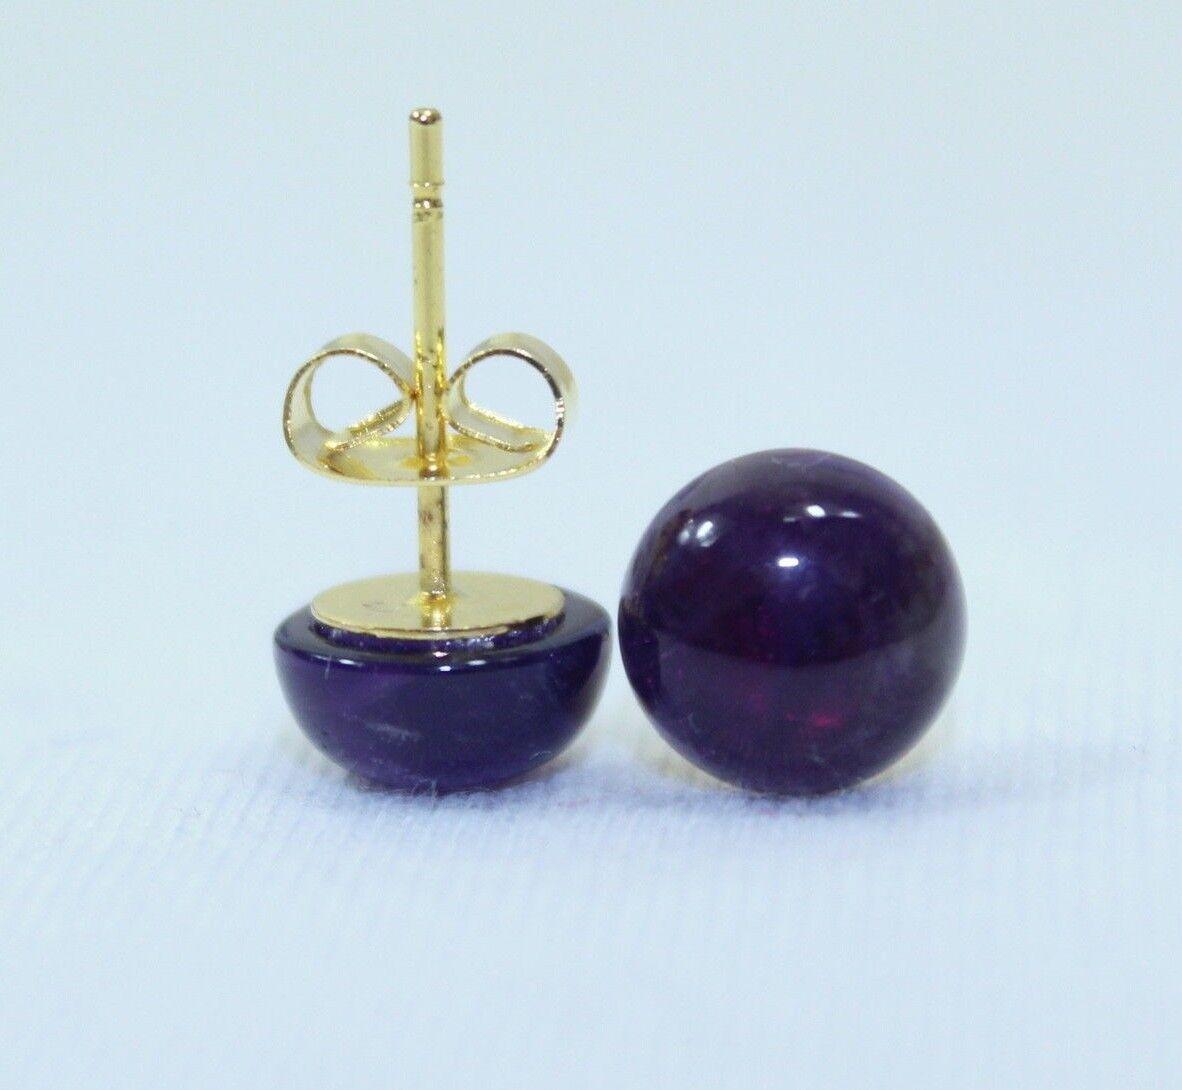 8mm Amethyst Studs Earrings 8 mm amethyst Stud Earring Purple purple